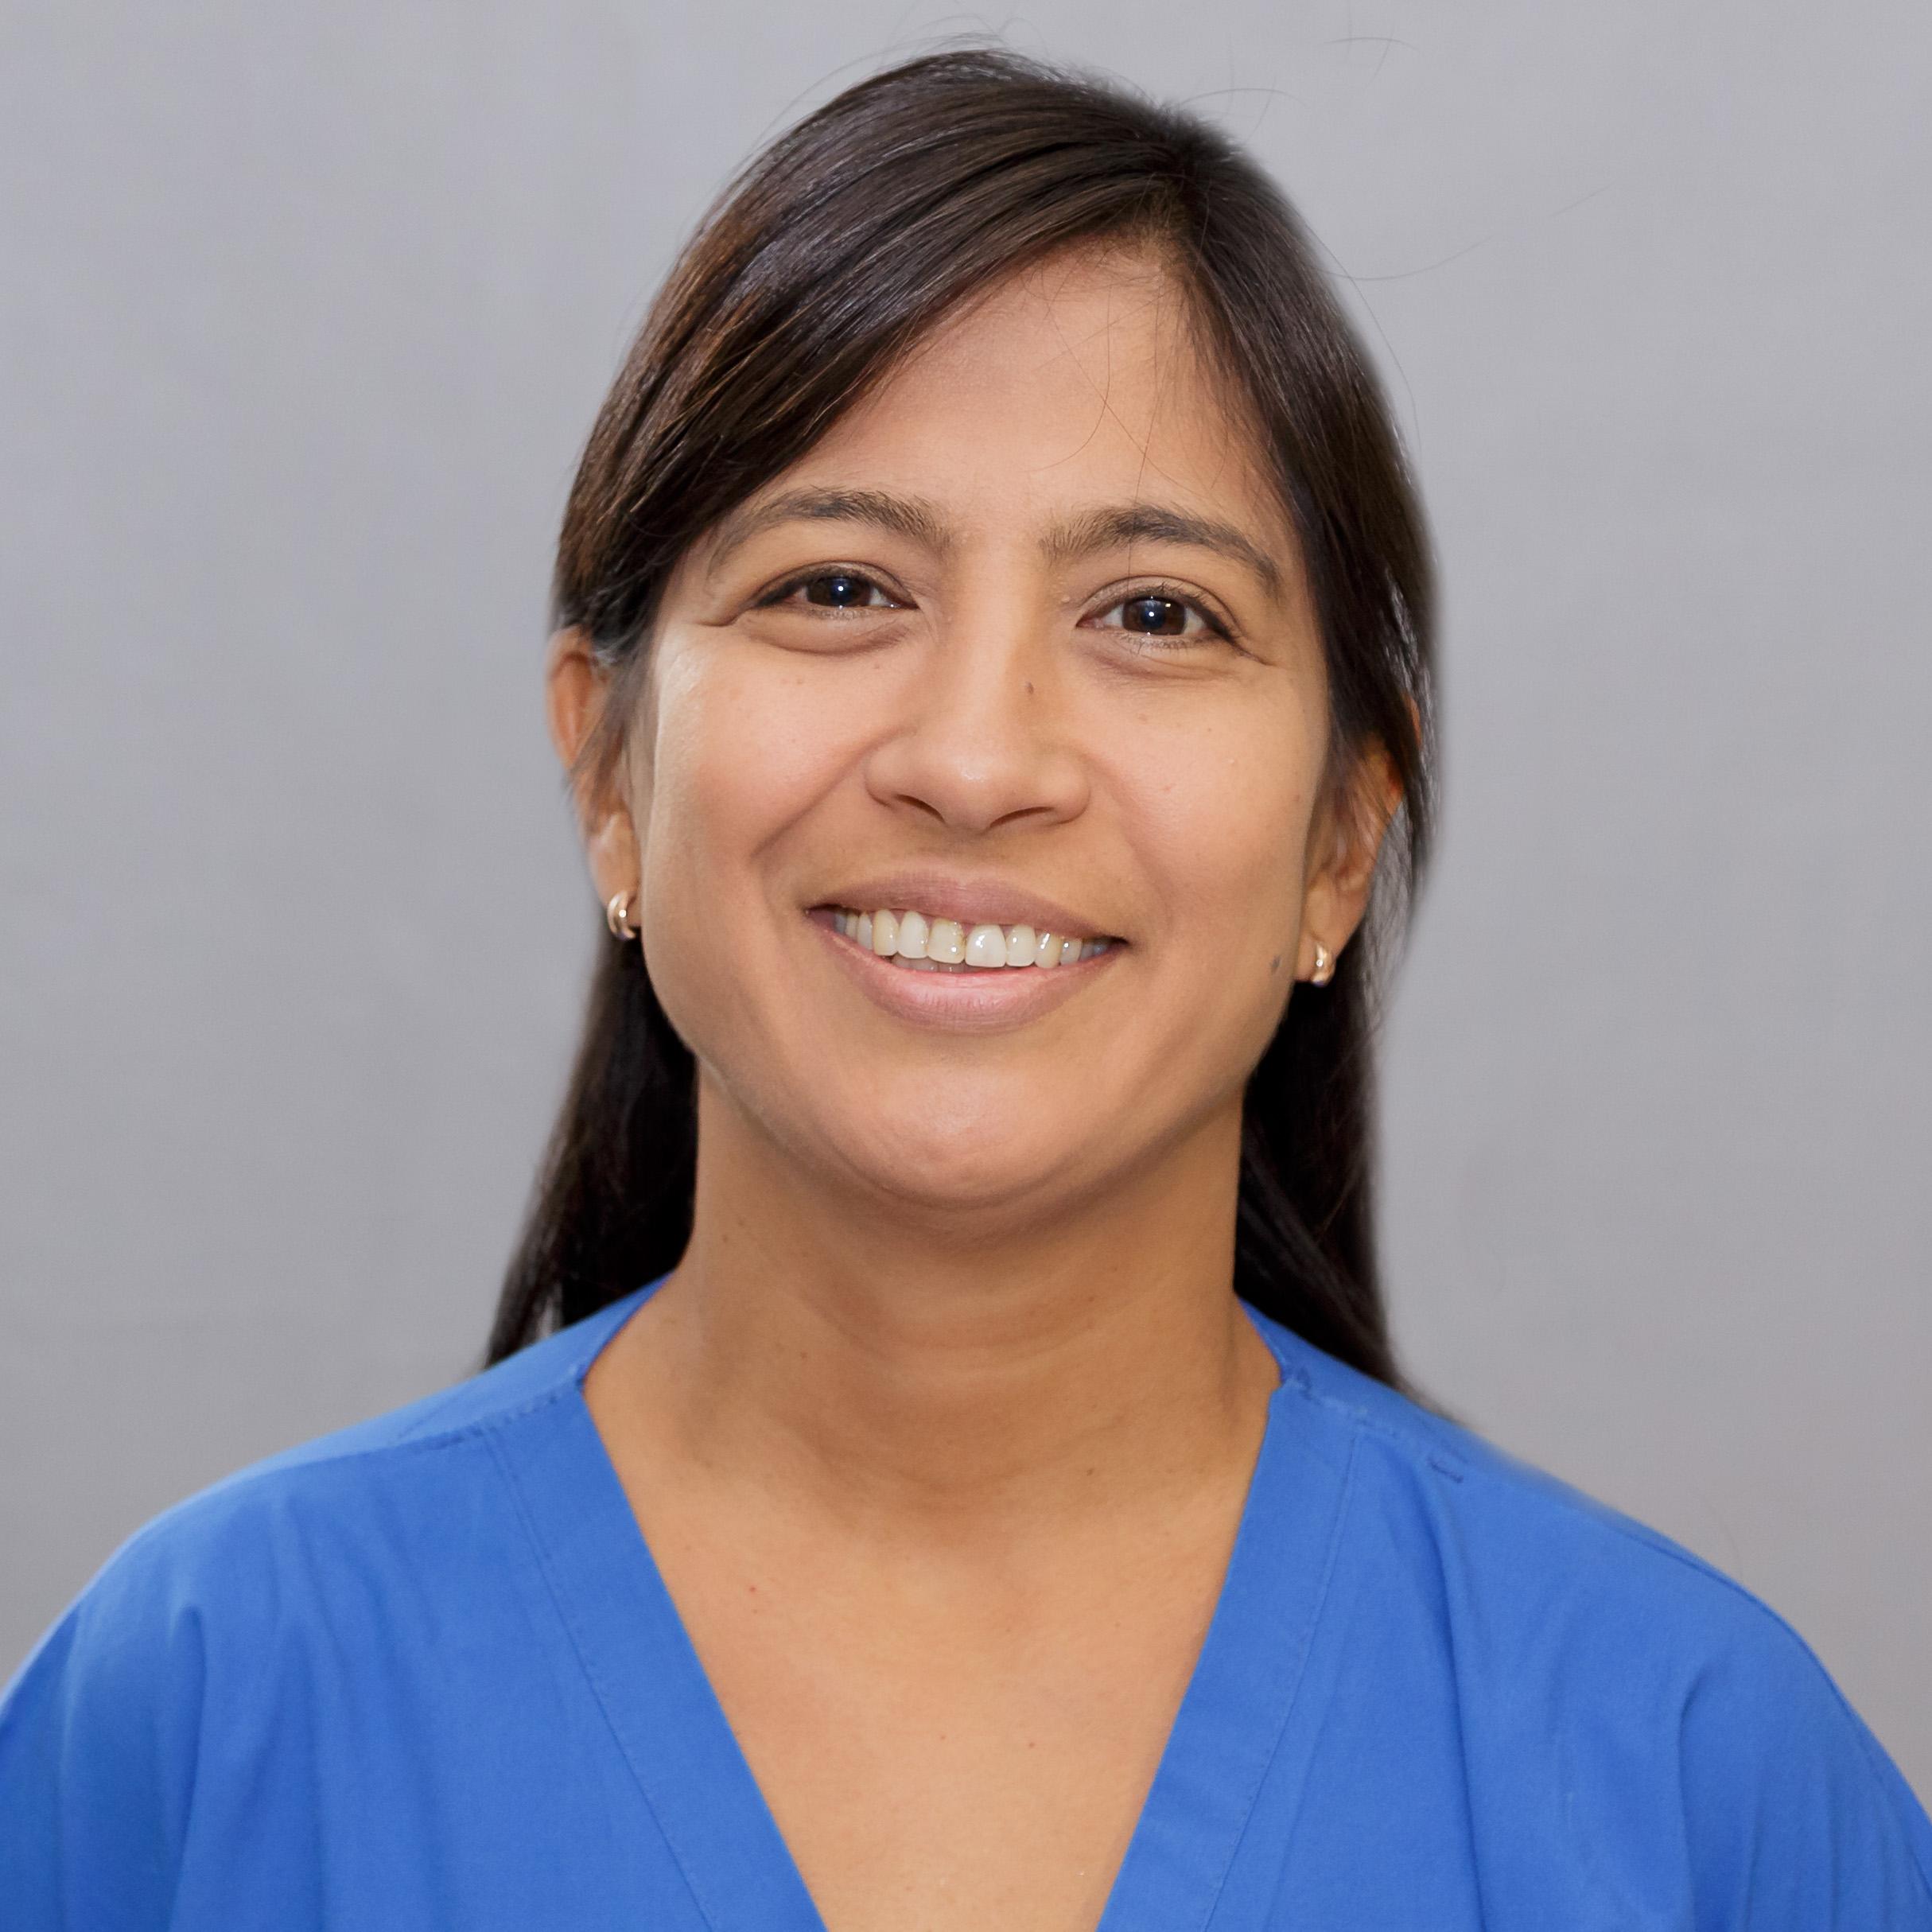 Kakisu Hiromi, Licenciada en Kinesiología y Fisioterapia